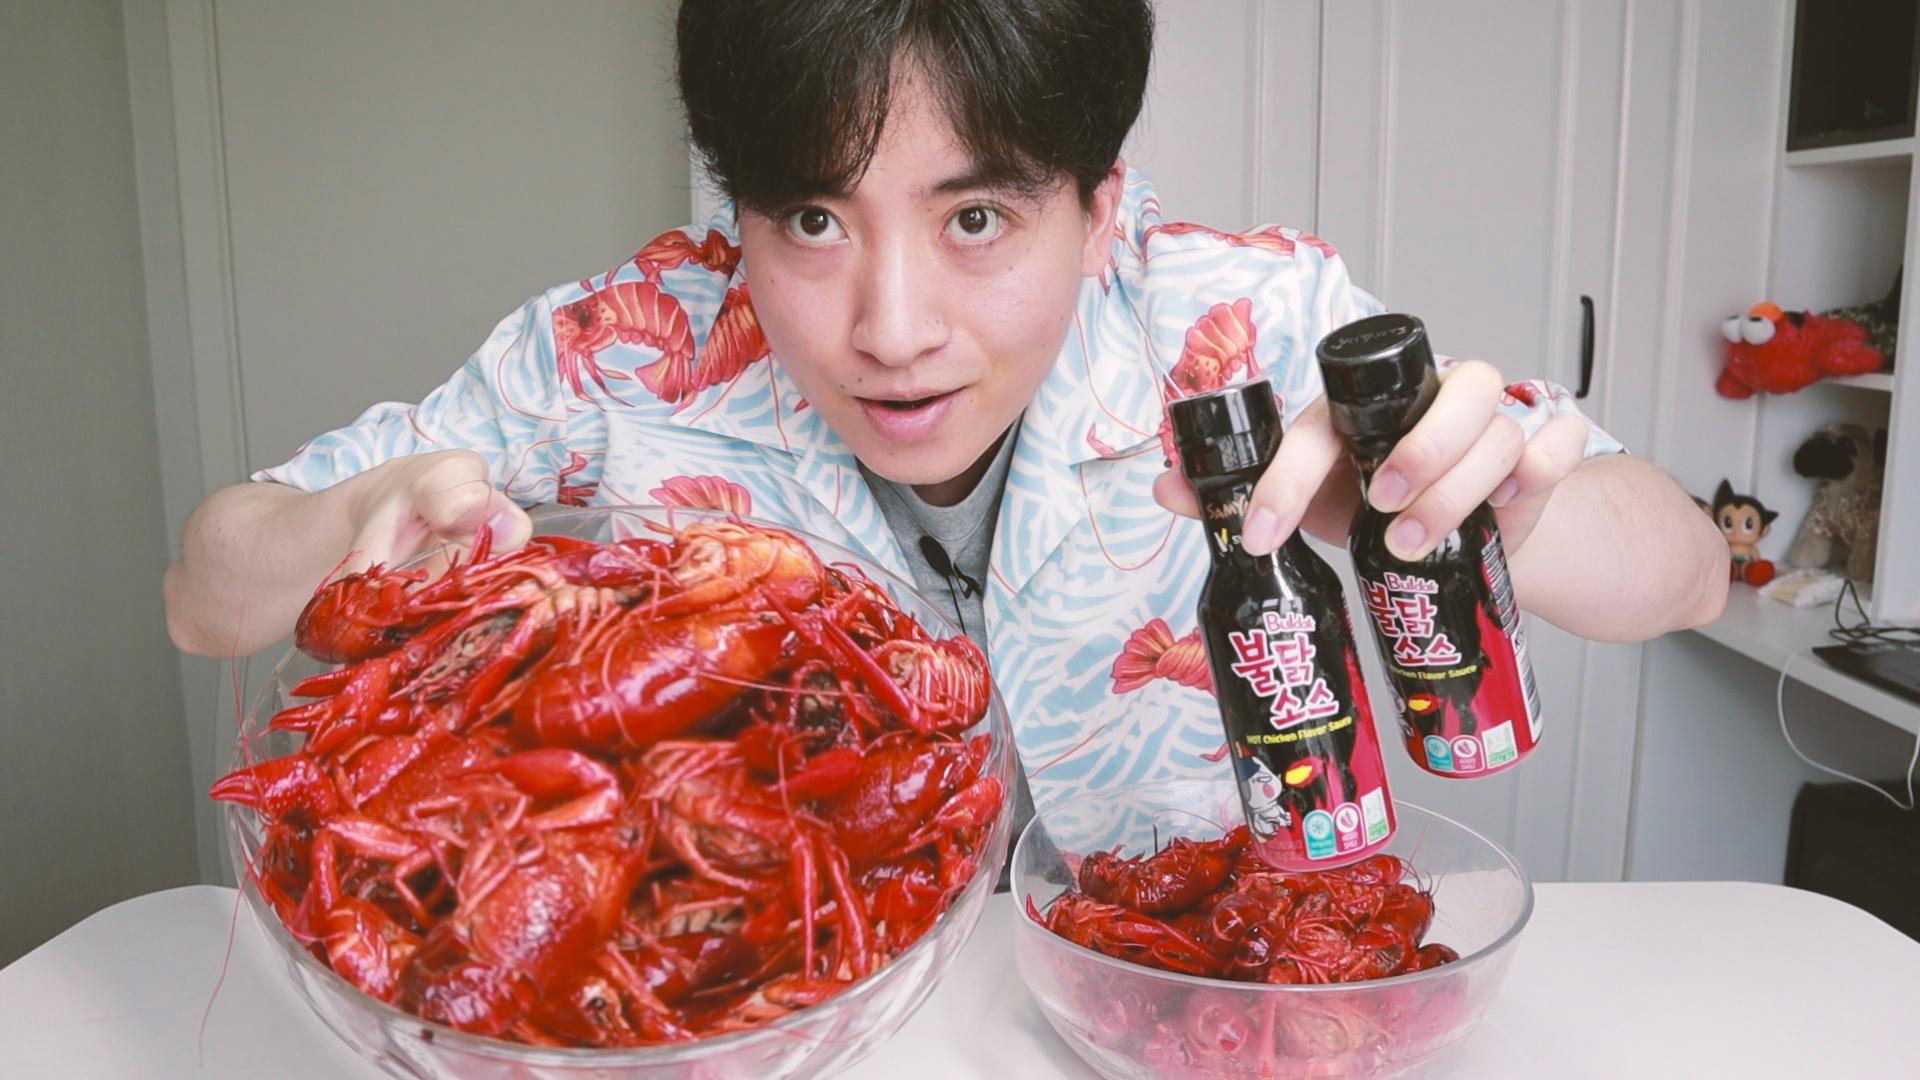 用火鸡面酱烹饪小龙虾会更好吃吗,老伙尝了下后收不住嘴